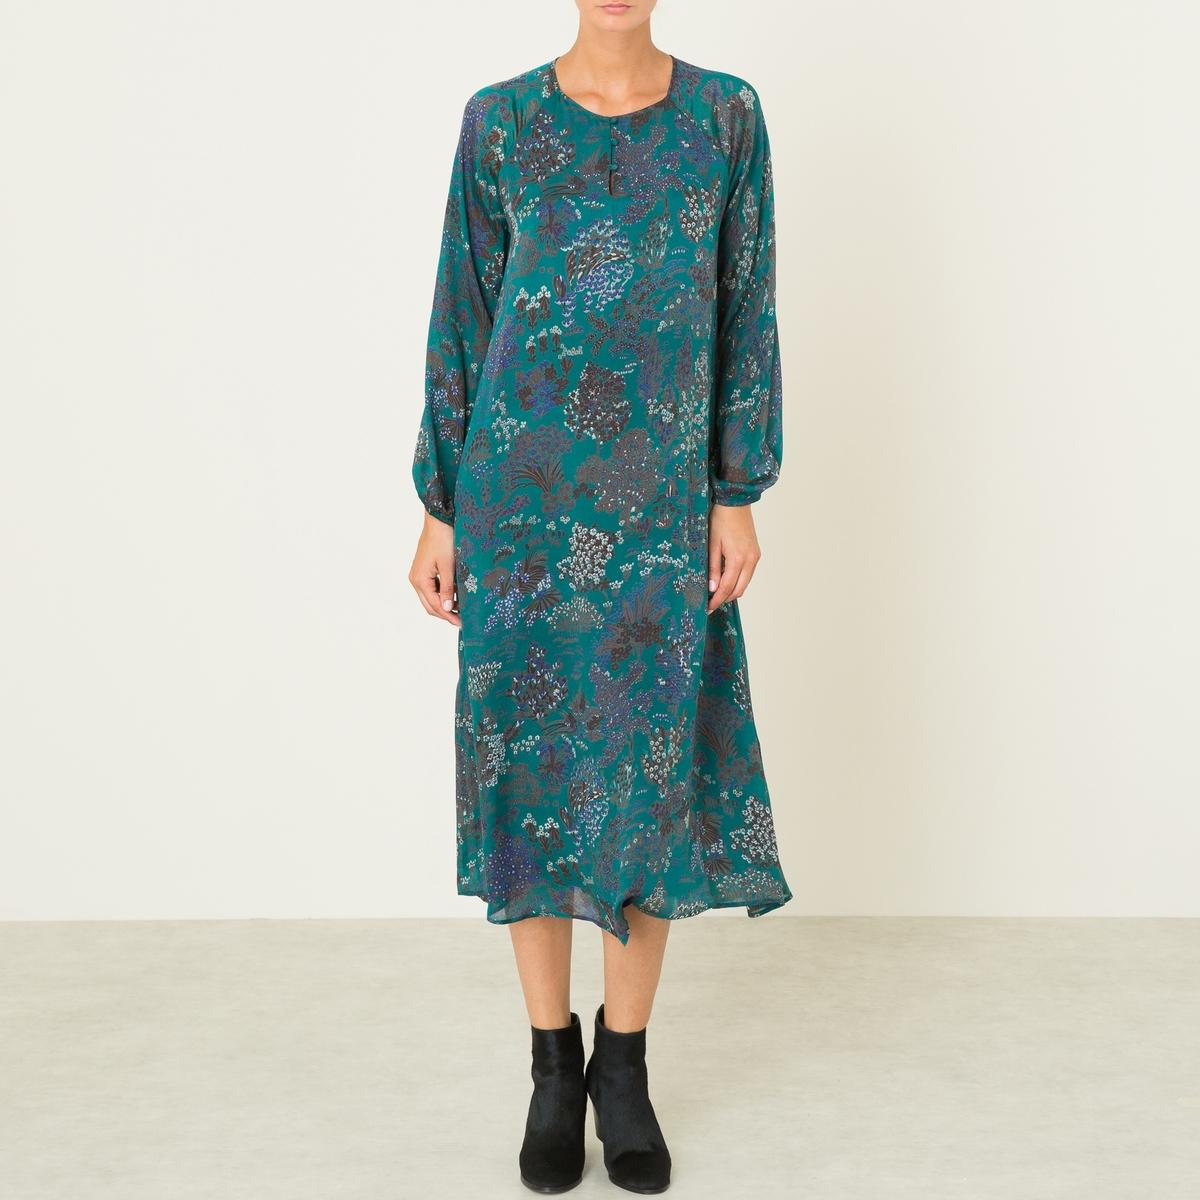 Платье длинное TORRE DRESSСостав и описание Материал : 100% шелк Длина : 122 см. (для размера 36) Марка : MES DEMOISELLES<br><br>Цвет: зеленый,черный<br>Размер: 36 (FR) - 42 (RUS).40 (FR) - 46 (RUS)